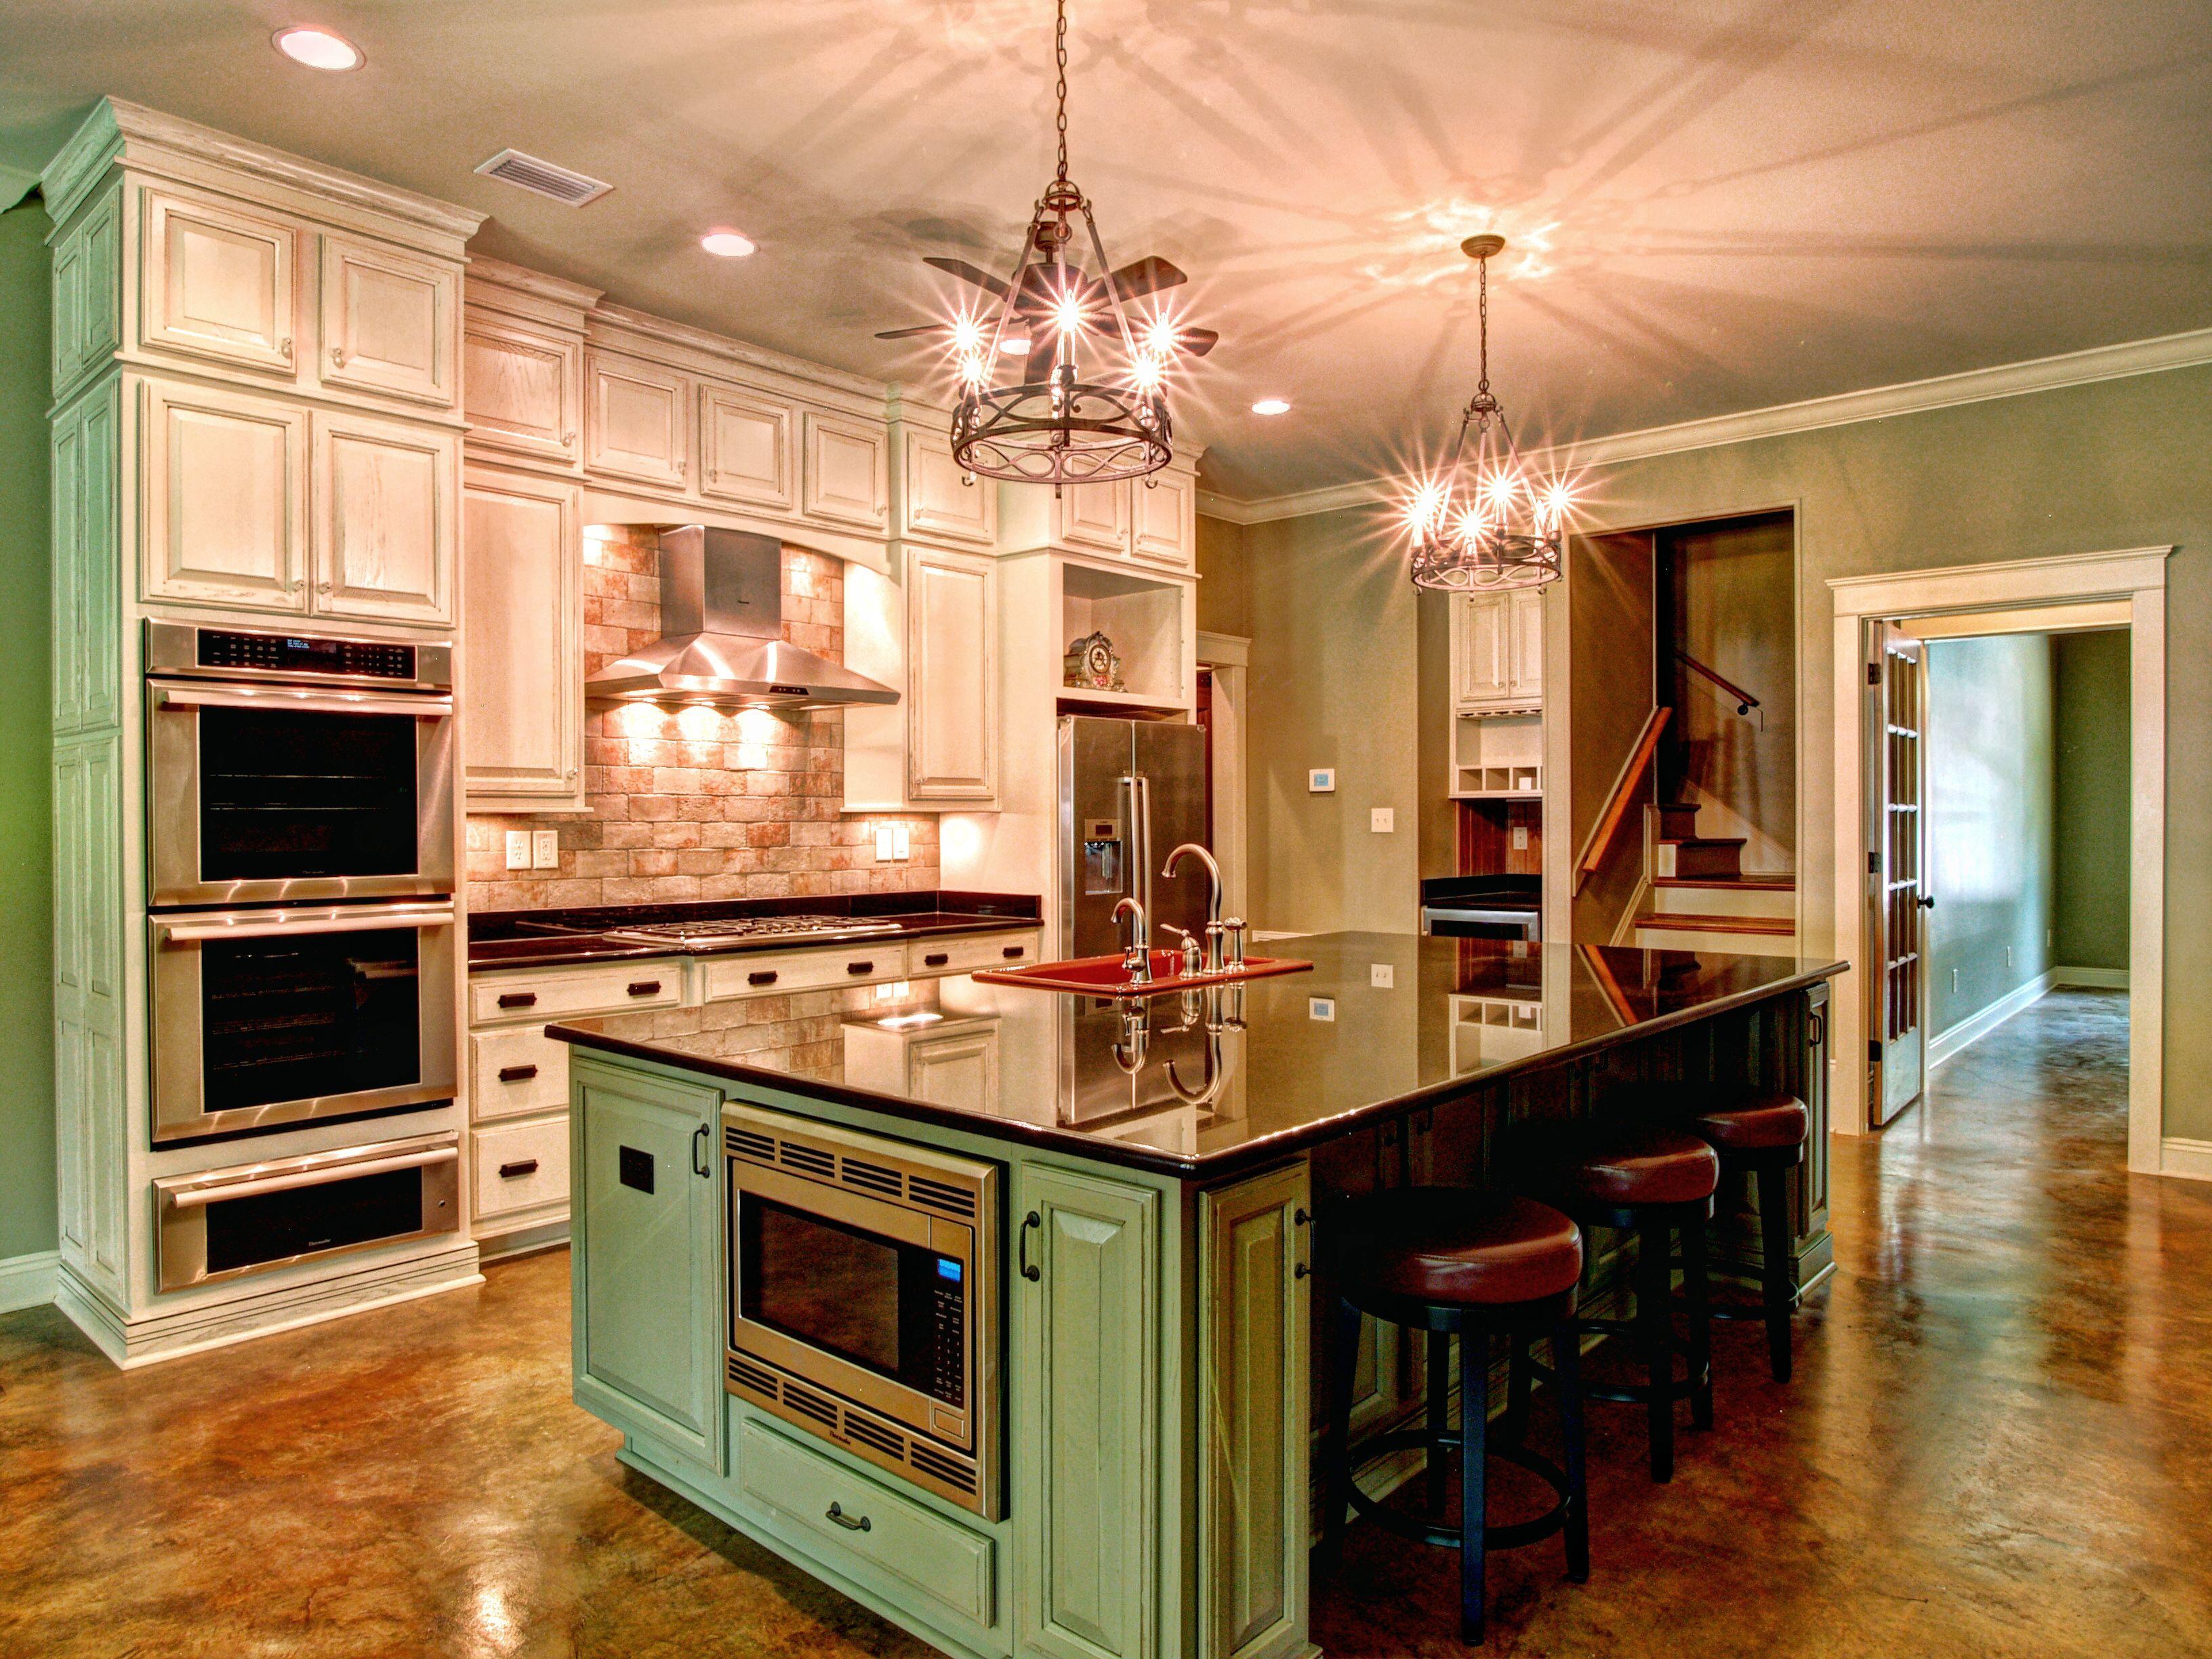 Kitchen Designed And Installed In Fairhope Alabama By Coast Design Kitchen Bath Luxury Kitchen Design Kitchen Island Design Kitchen Design Color